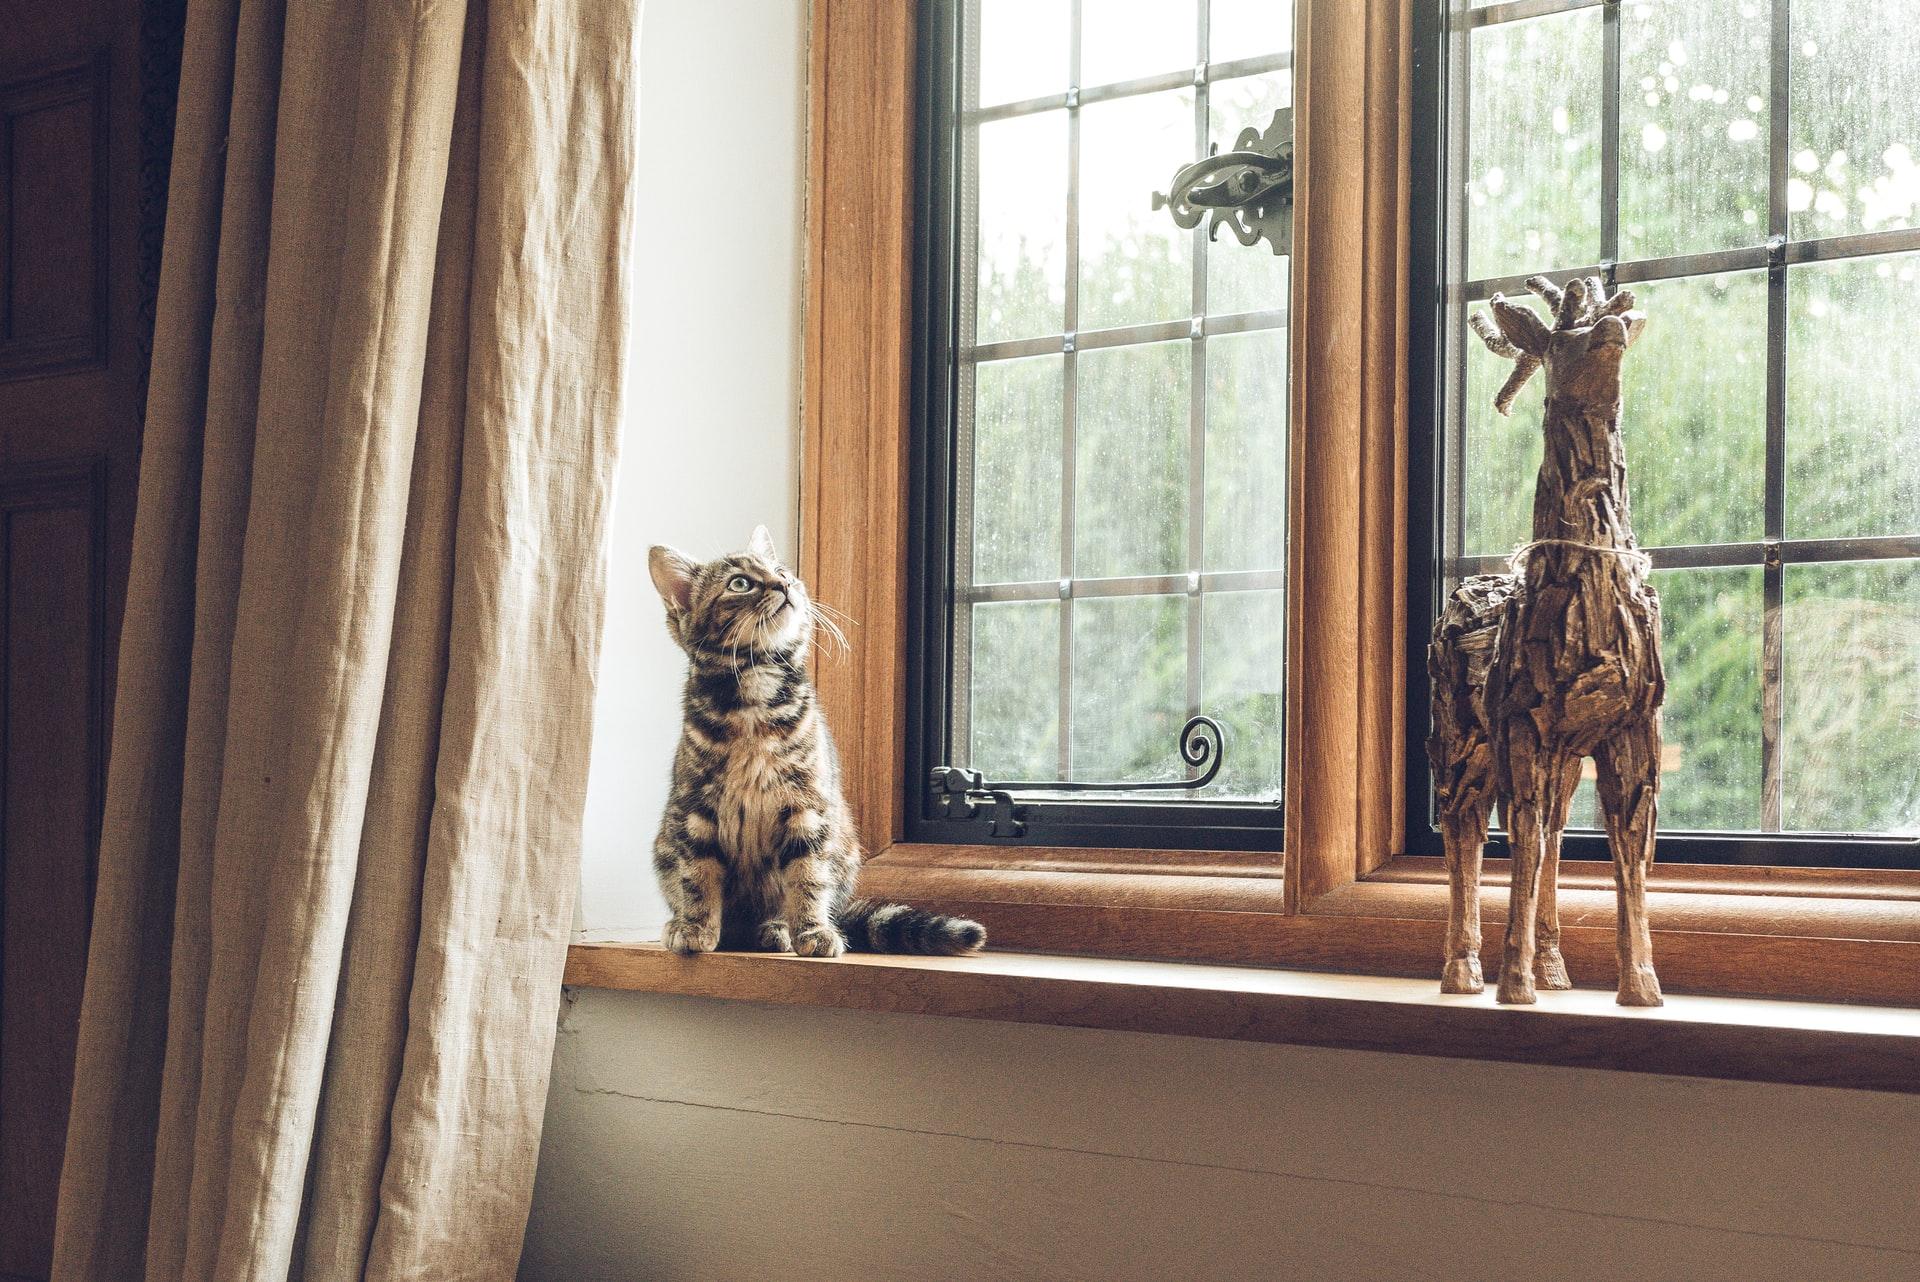 Cat in home window